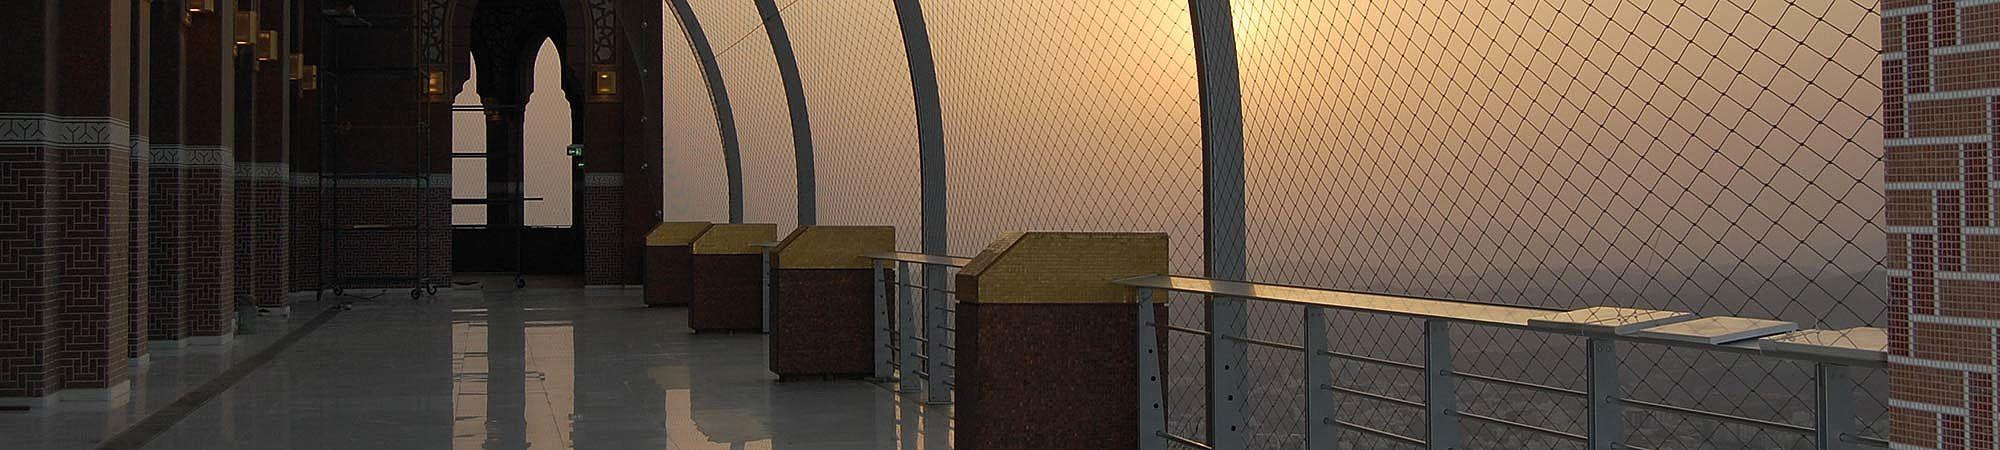 Makkah Clock Tower Absturzsicherung X-TEND Edelstahl-Seilnetz